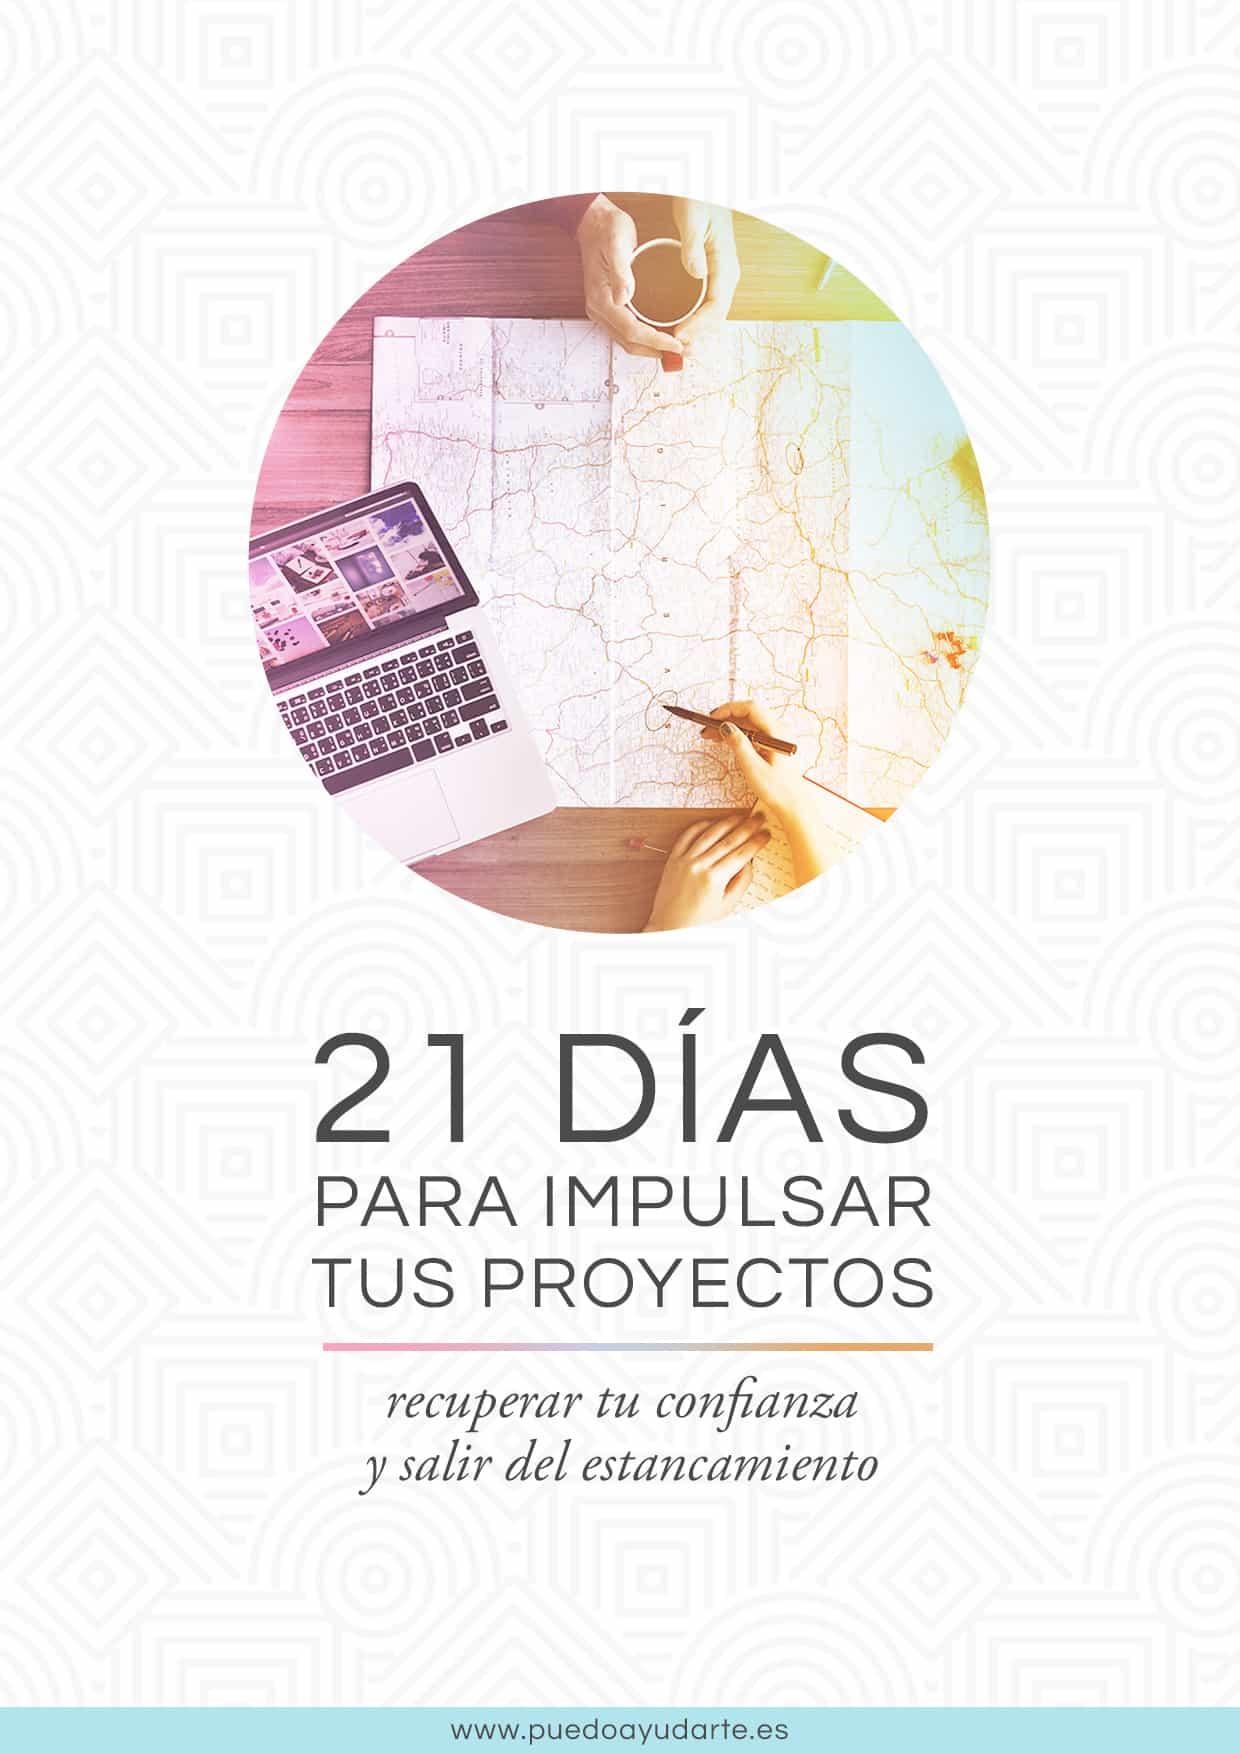 21 días para impulsar tus proyectos, recuperar tu confianza y salir del estancamiento